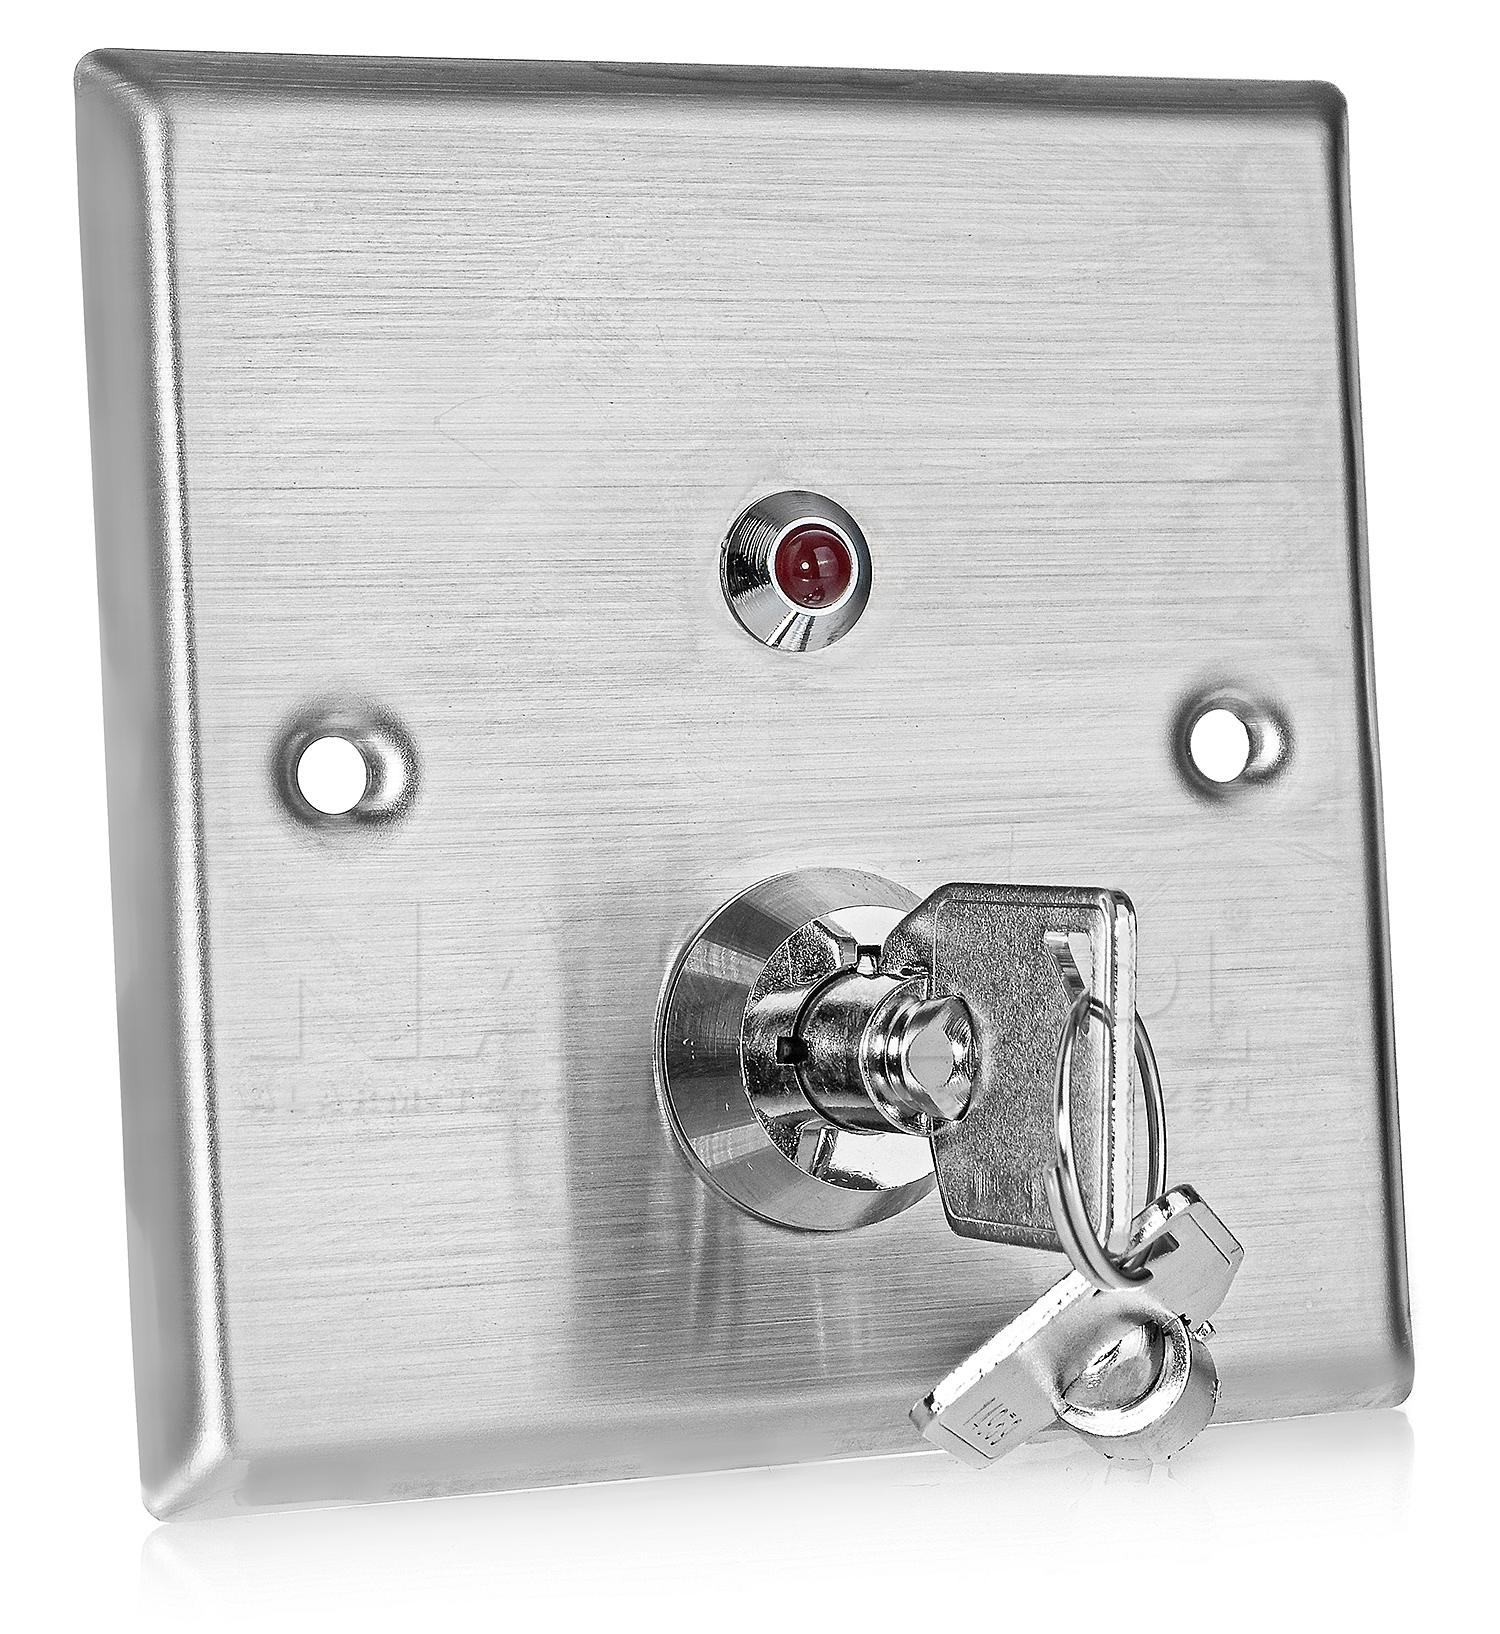 Metalowy przełącznik kluczowy KS-1N